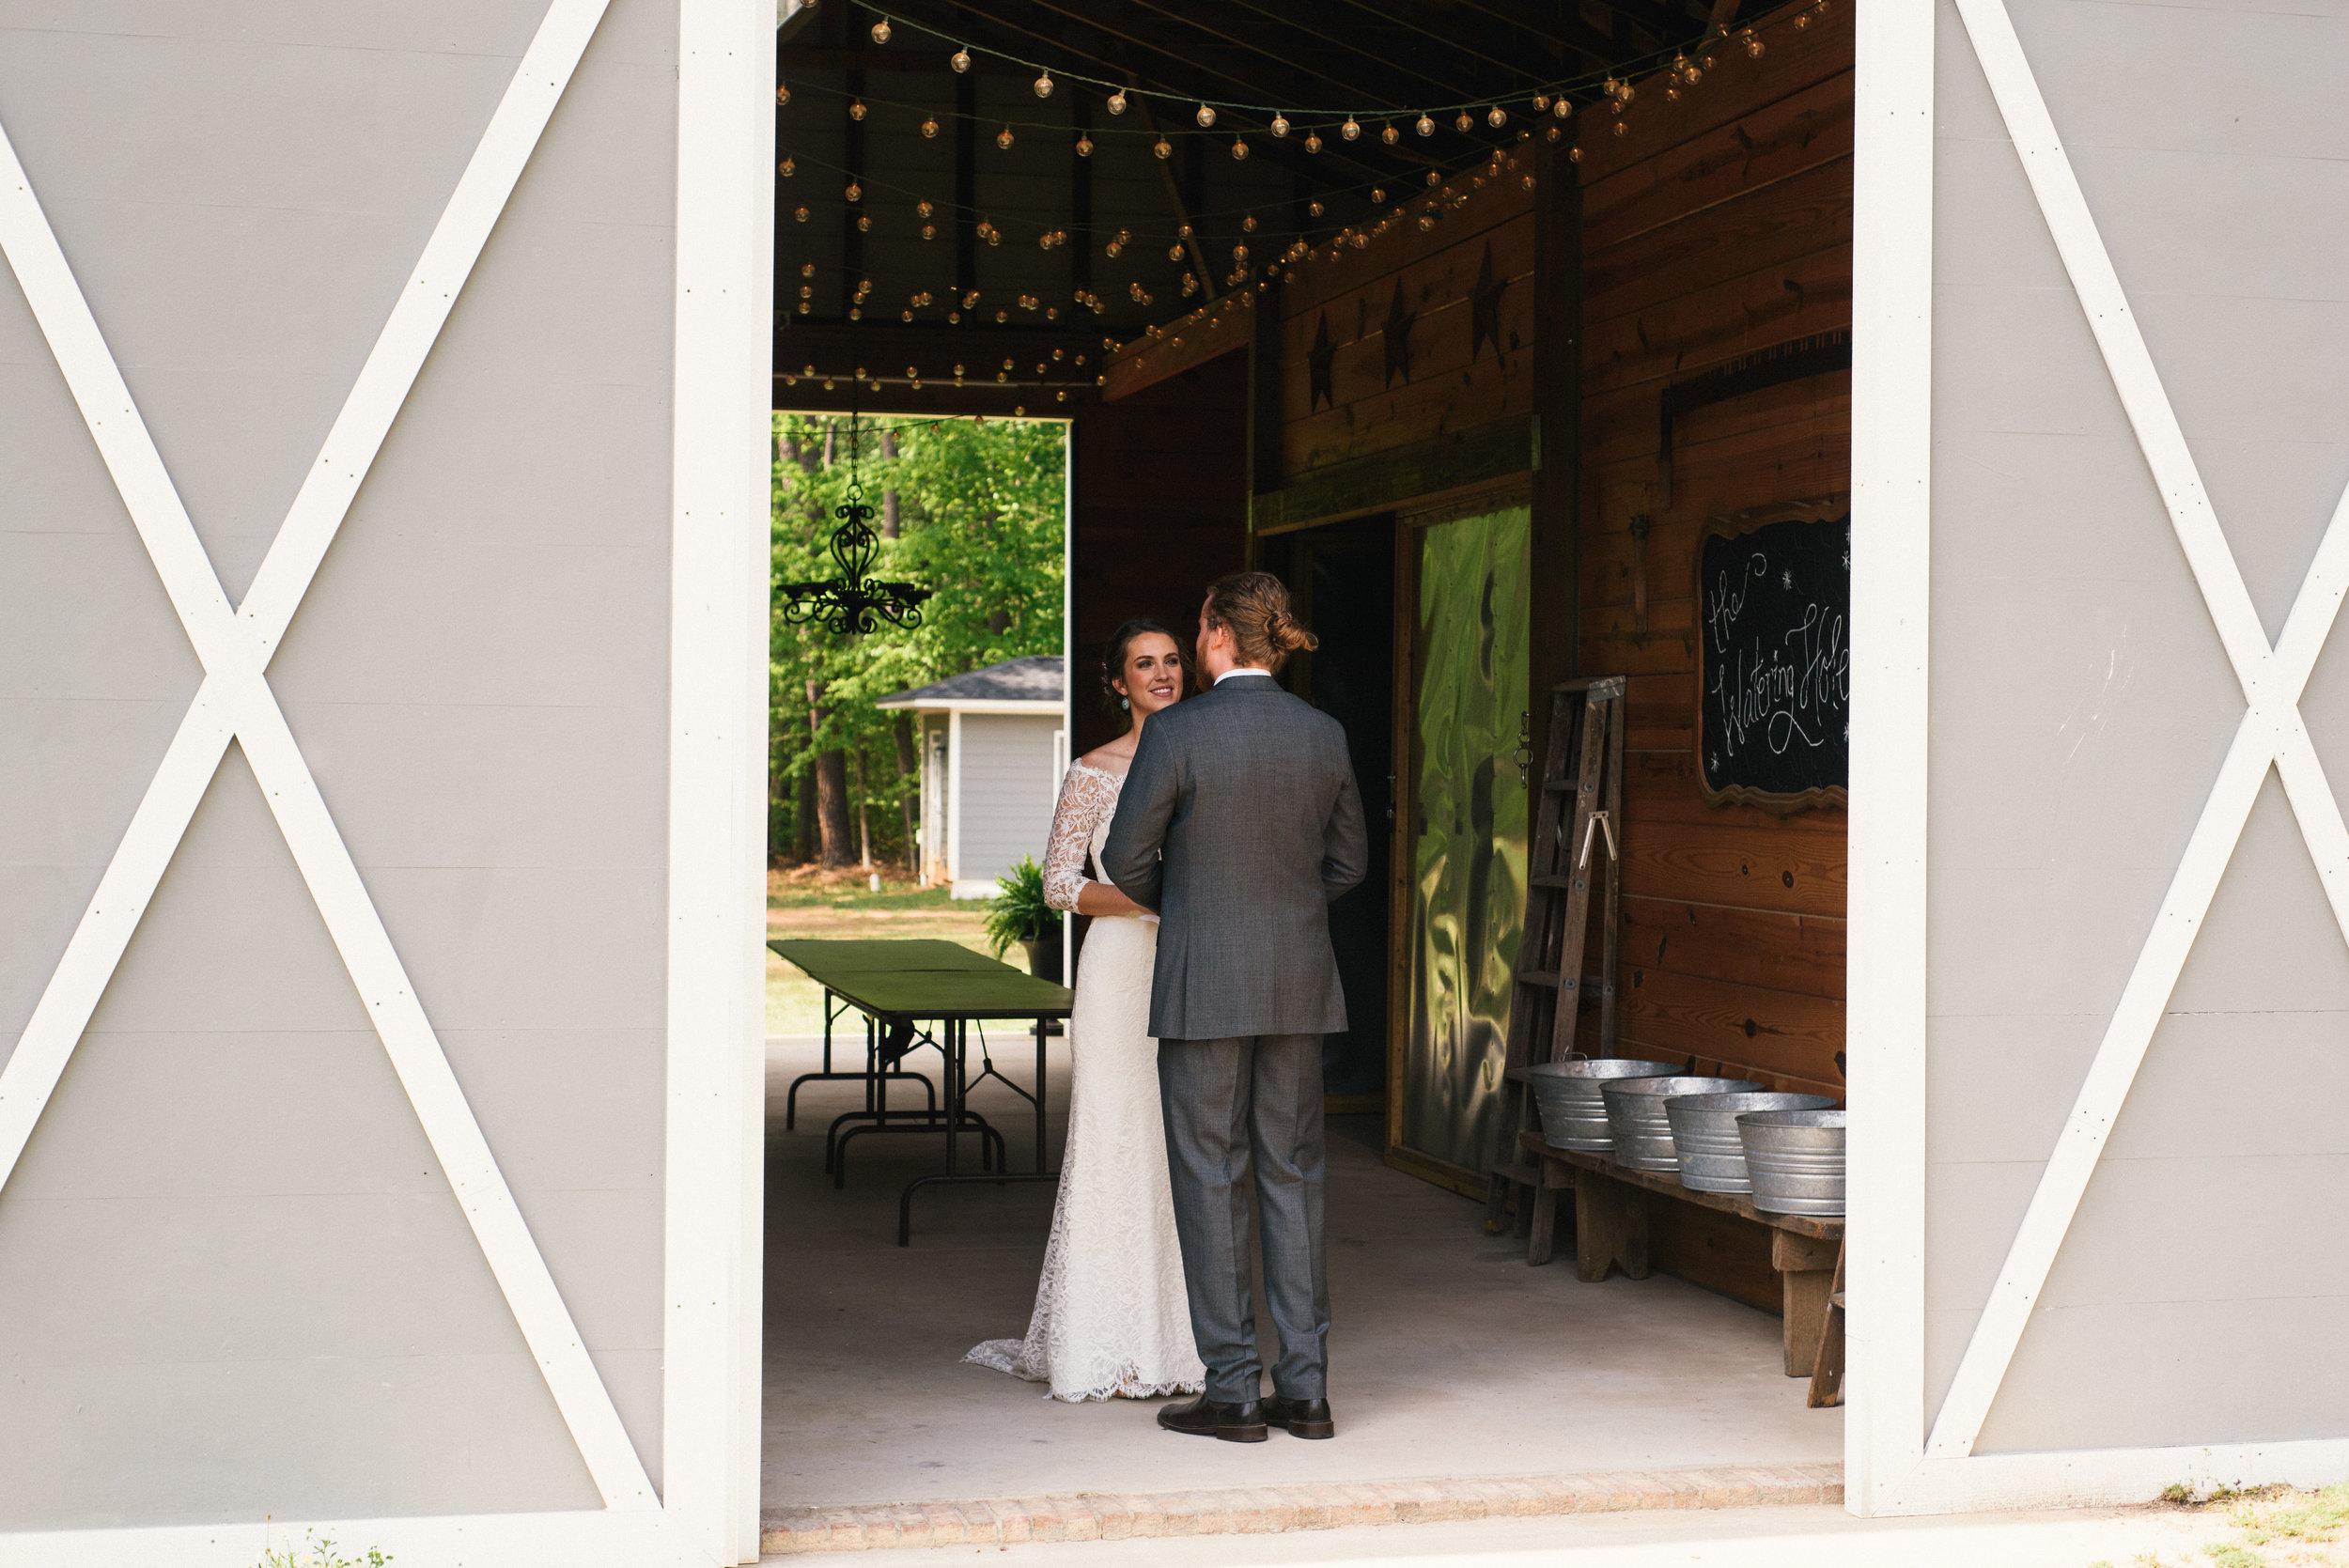 raleigh-elopement-photographer-raleigh-durham-wedding-maddie-and-devin- (19 of 162).jpg